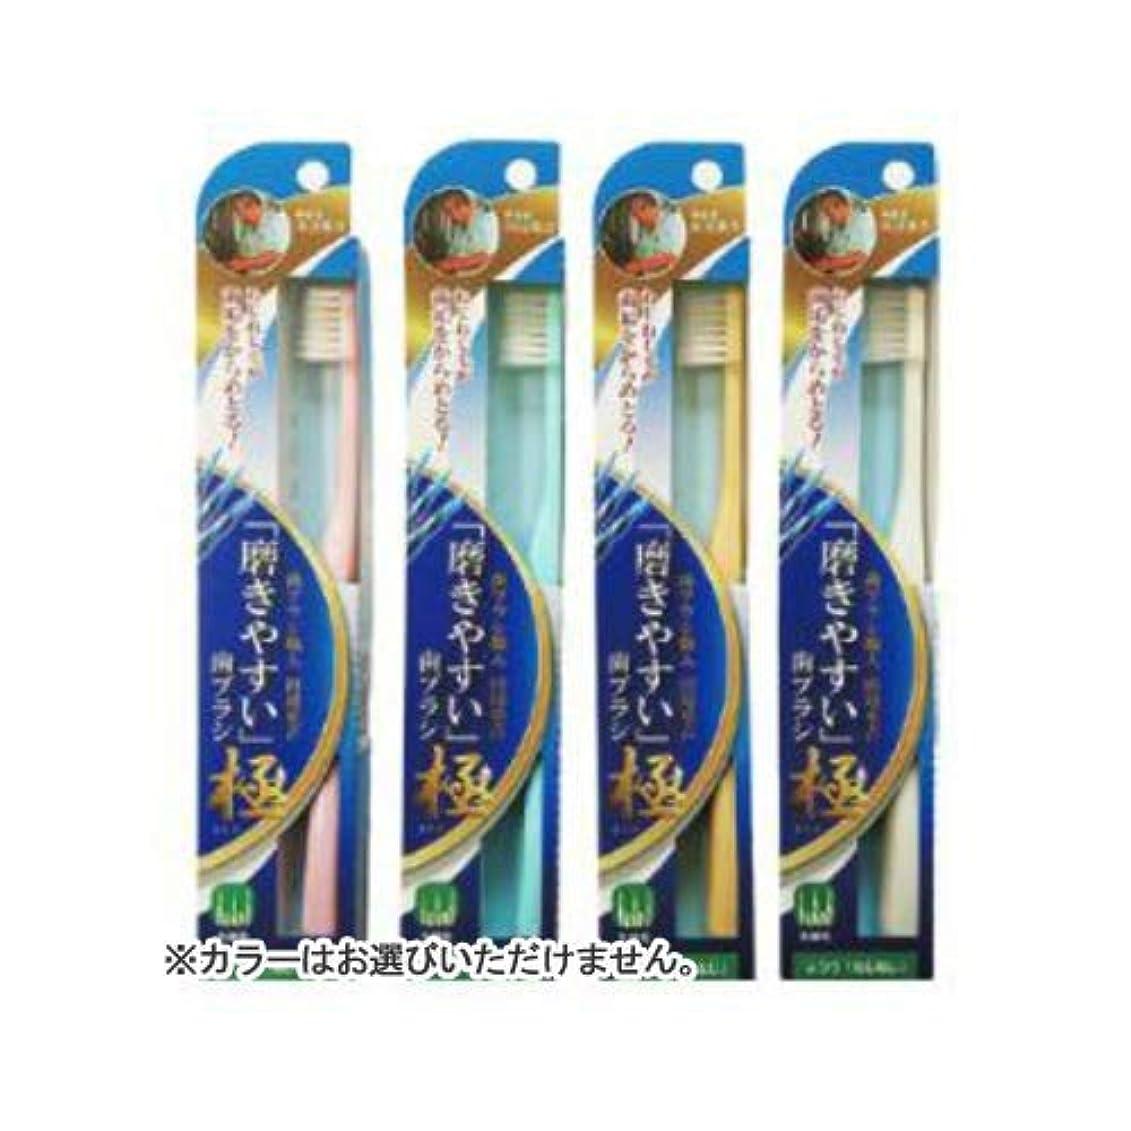 放映ガジュマル環境保護主義者LT-45磨きやすい歯ブラシ極 ねじねじ × 480個セット